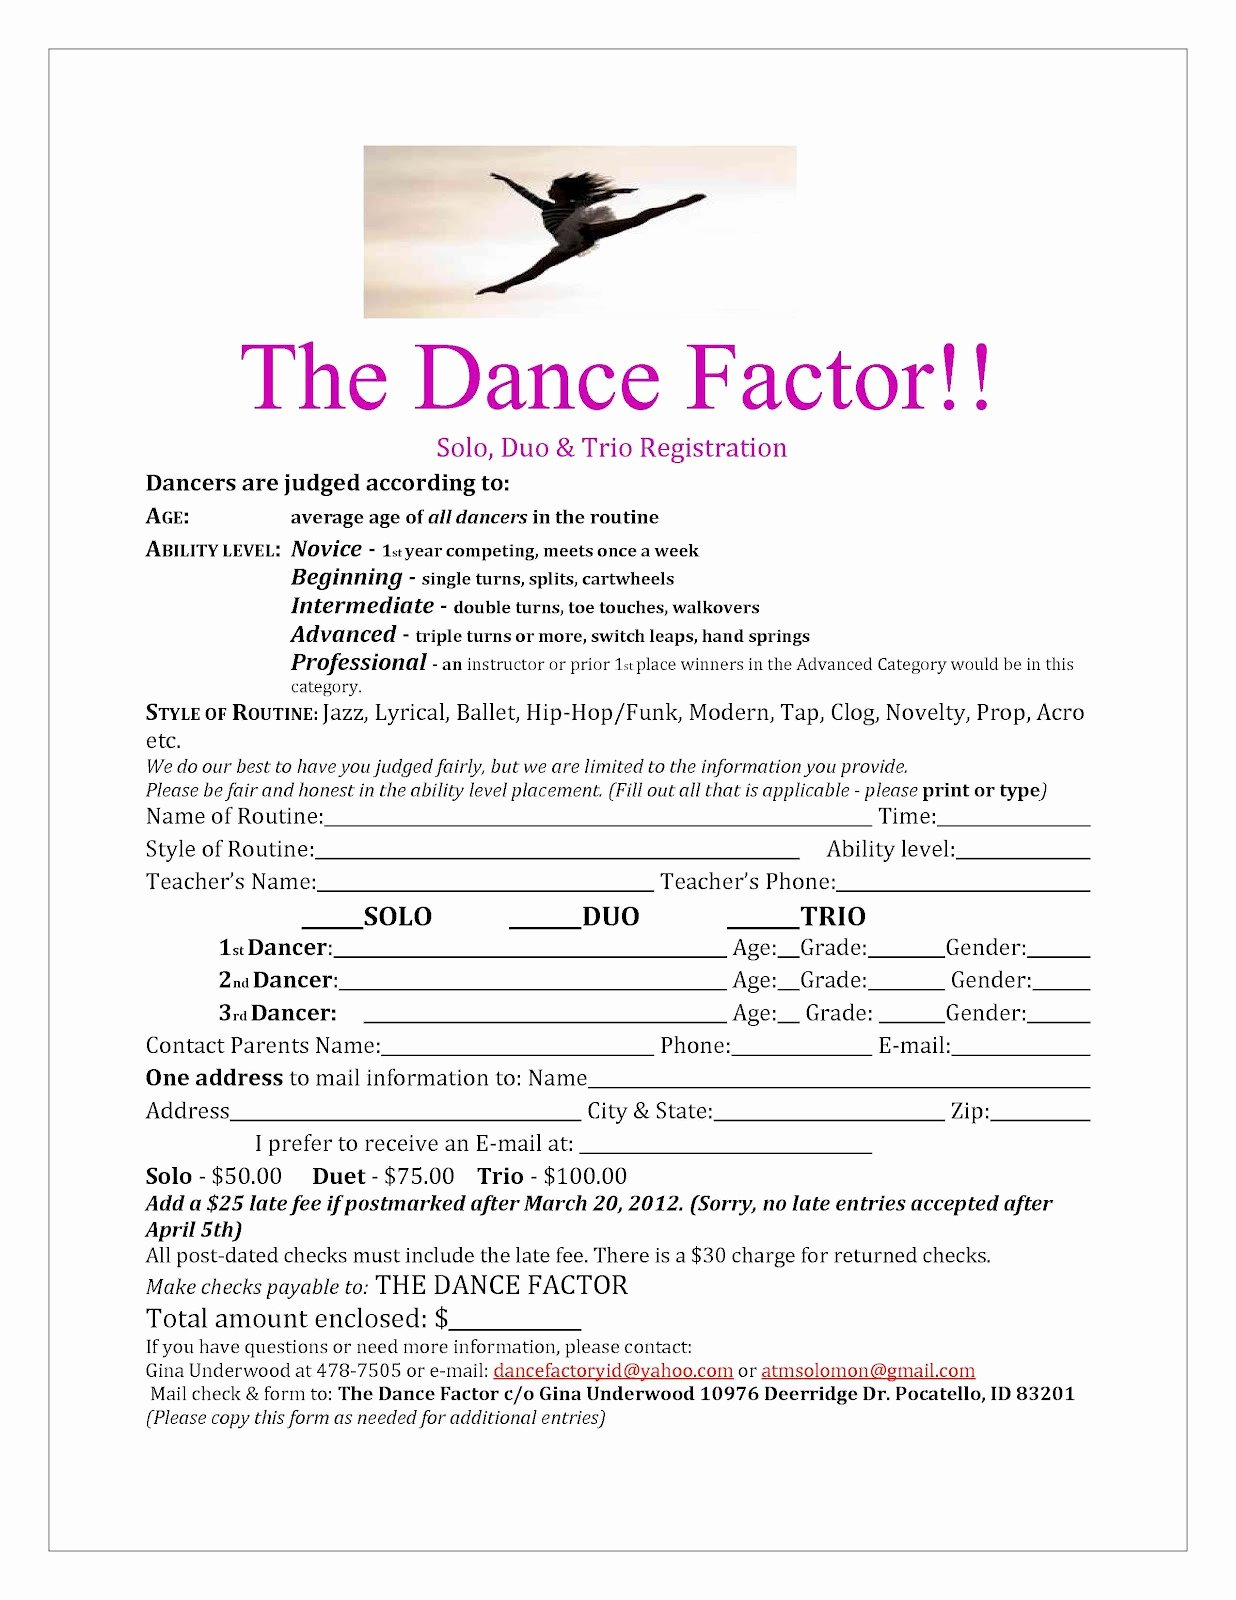 Dance Registration form Template Elegant Eagle Rock Dance Dance Factor solo Registration form